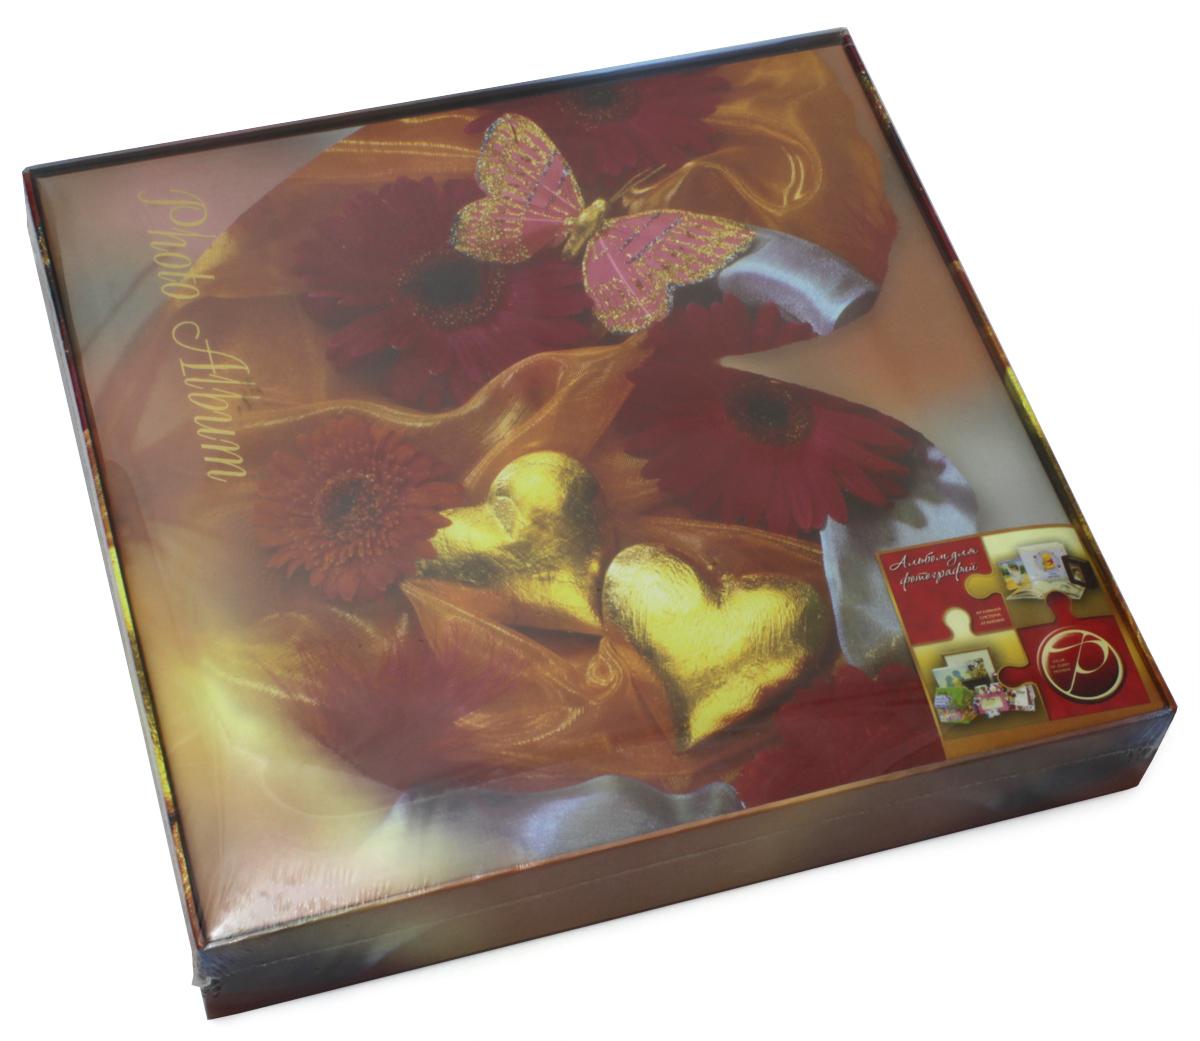 Фотоальбом Pioneer Butterfly Dream, 20 магнитных листов, 28 х 31 см. 12467339792/9781АФотоальбом Butterfly Dream поможет красиво оформить ваши фотографии.Обложка, выполненная из толстого ламинированного картона,оформлена ярким изображением. Альбом с магнитными листами удобен тем, что он позволяет размещать фотографии разных размеров. Тип переплета - болтовой. Материалы, использованные в изготовлении альбома, обеспечивают высокое качество хранения ваших фотографий, поэтому фотографии не желтеют со временем. Магнитные страницы обладают следующими преимуществами: - Не нужно прикладывать усилий для закрепления фотографий; - Не нужно заботиться о размерах фотографий, так как вы можете вставить вальбом фотографии разных размеров; - Защита фотографий от постоянных прикосновений зрителей с помощью пленки ПВХ.Нам всегда так приятно вспоминать о самых счастливых моментах жизни, запечатленных на фотографиях. Поэтому фотоальбом является универсальным подарком к любому празднику.Количество листов: 20 шт.Размер листа: 28 см х 31 см.